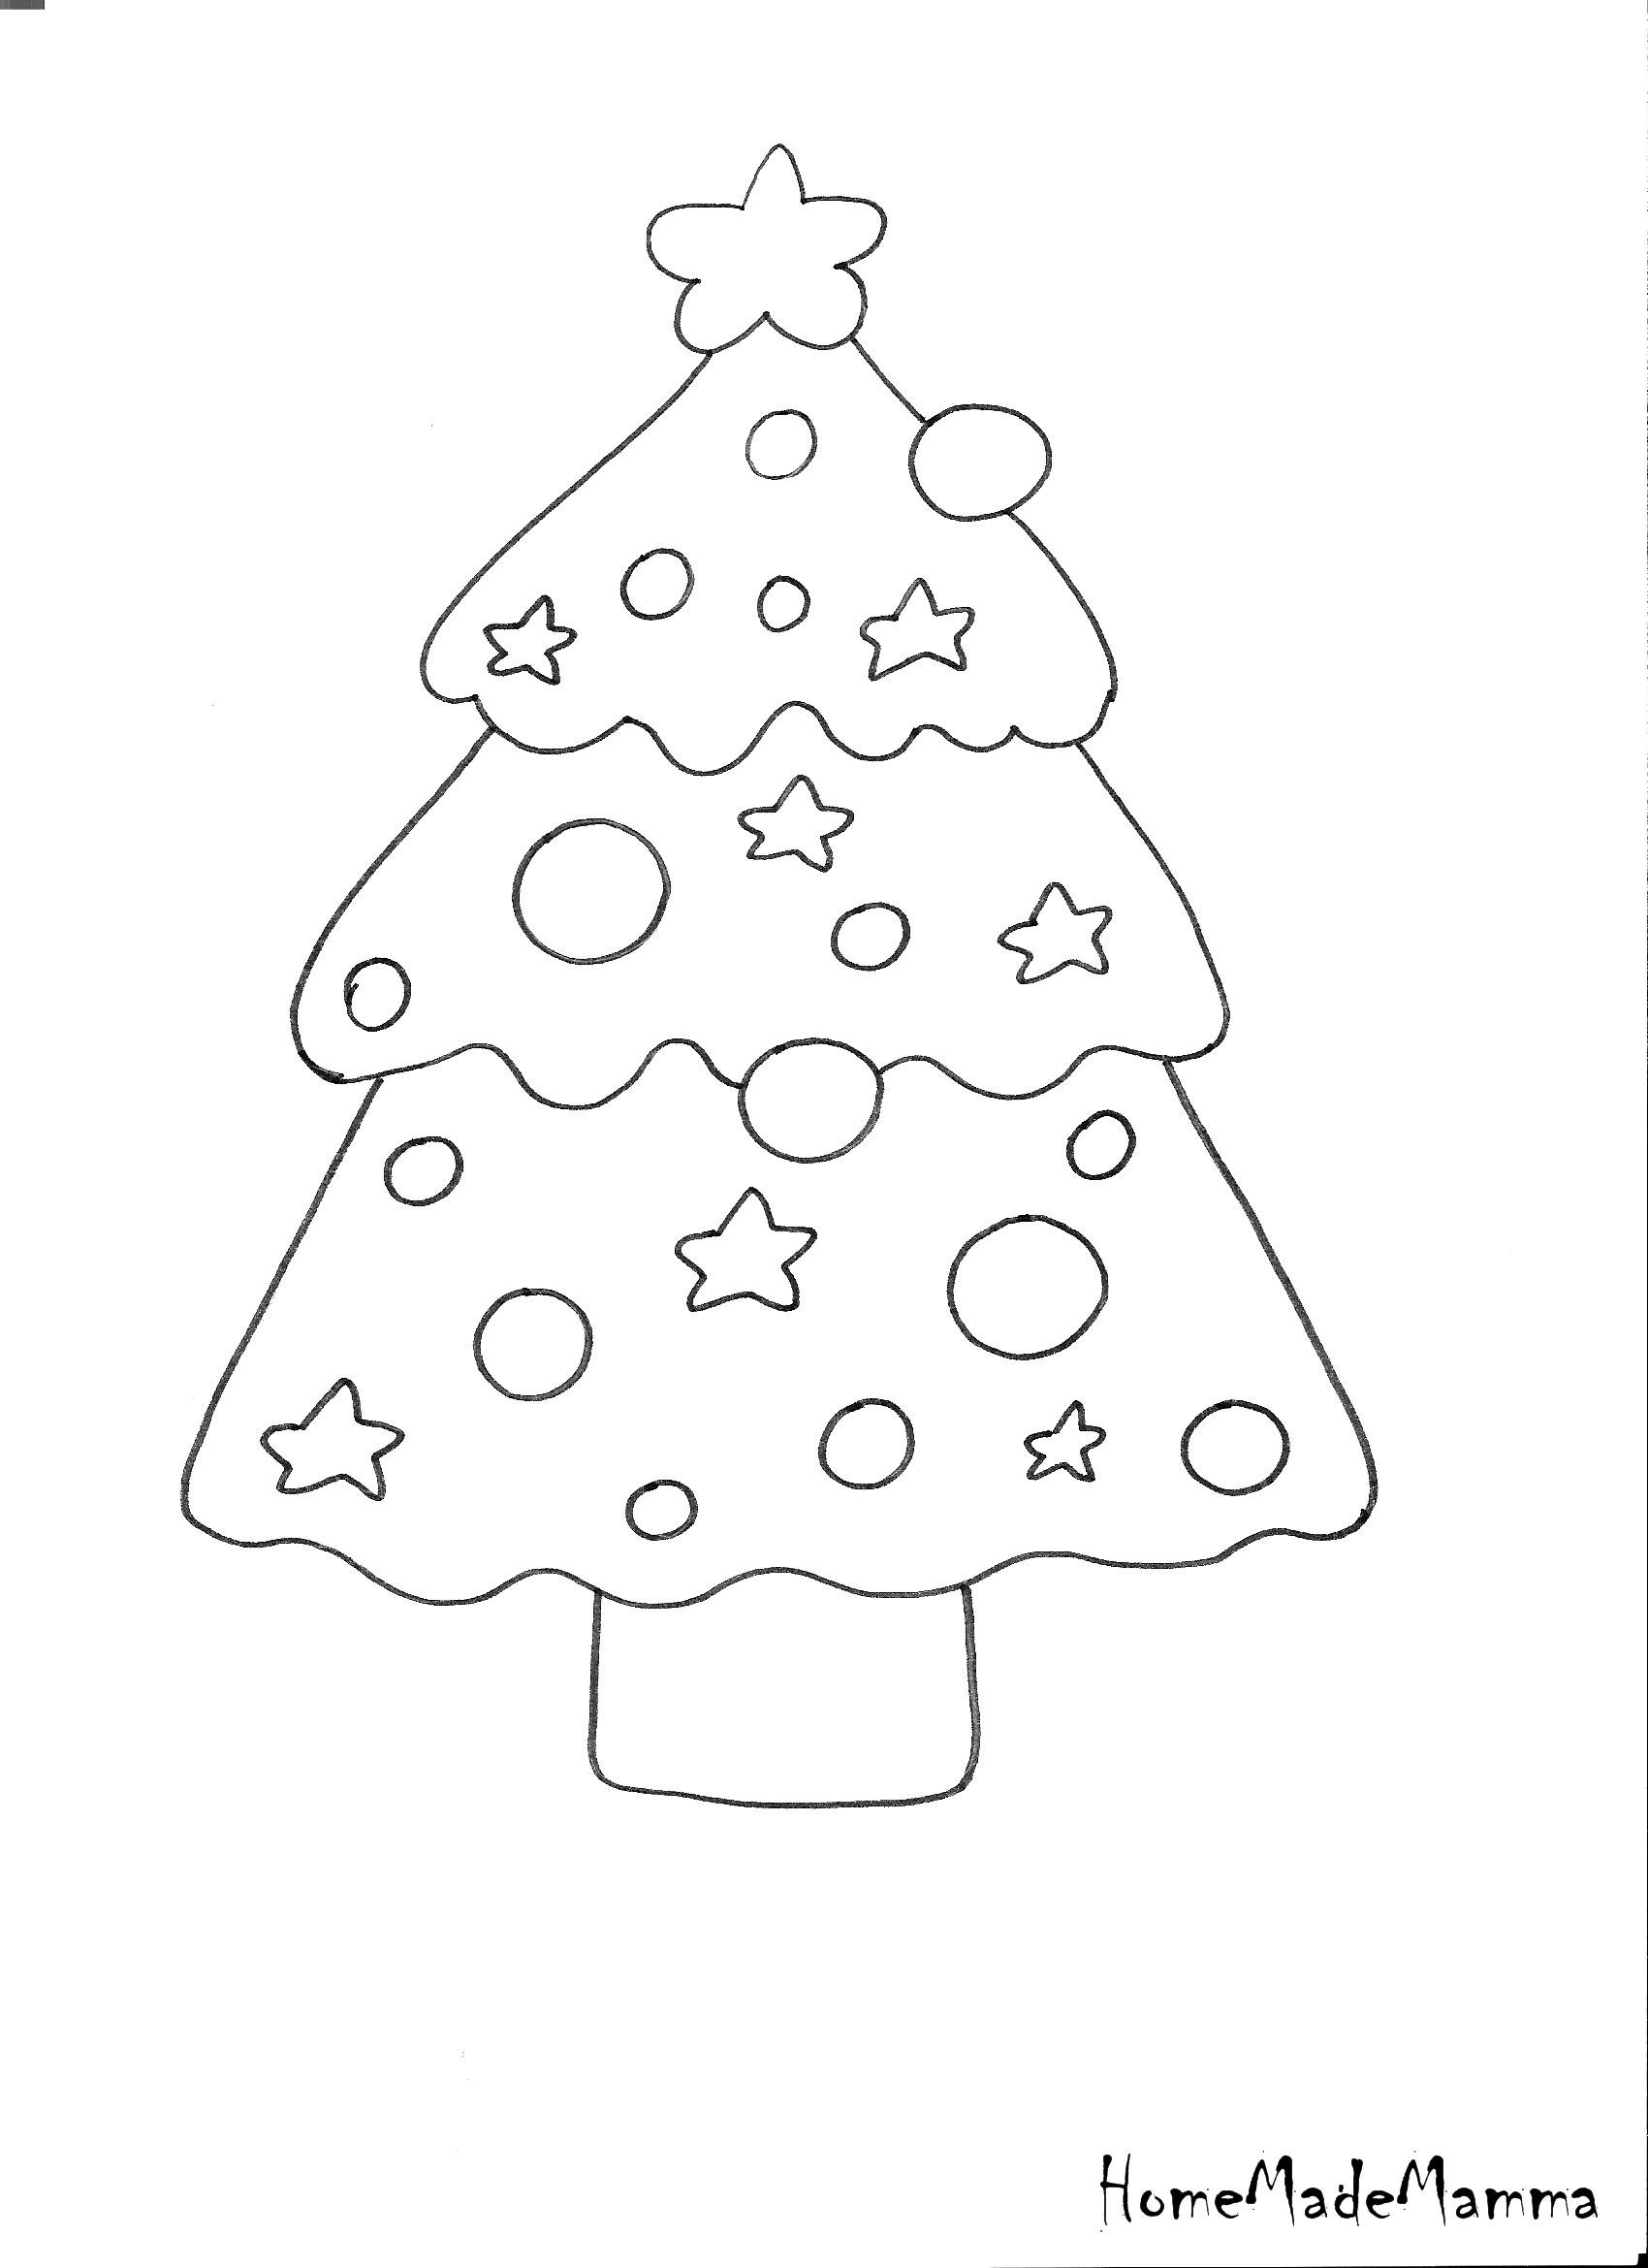 Disegni Di Natale Particolari.Disegni Da Colorare Natale